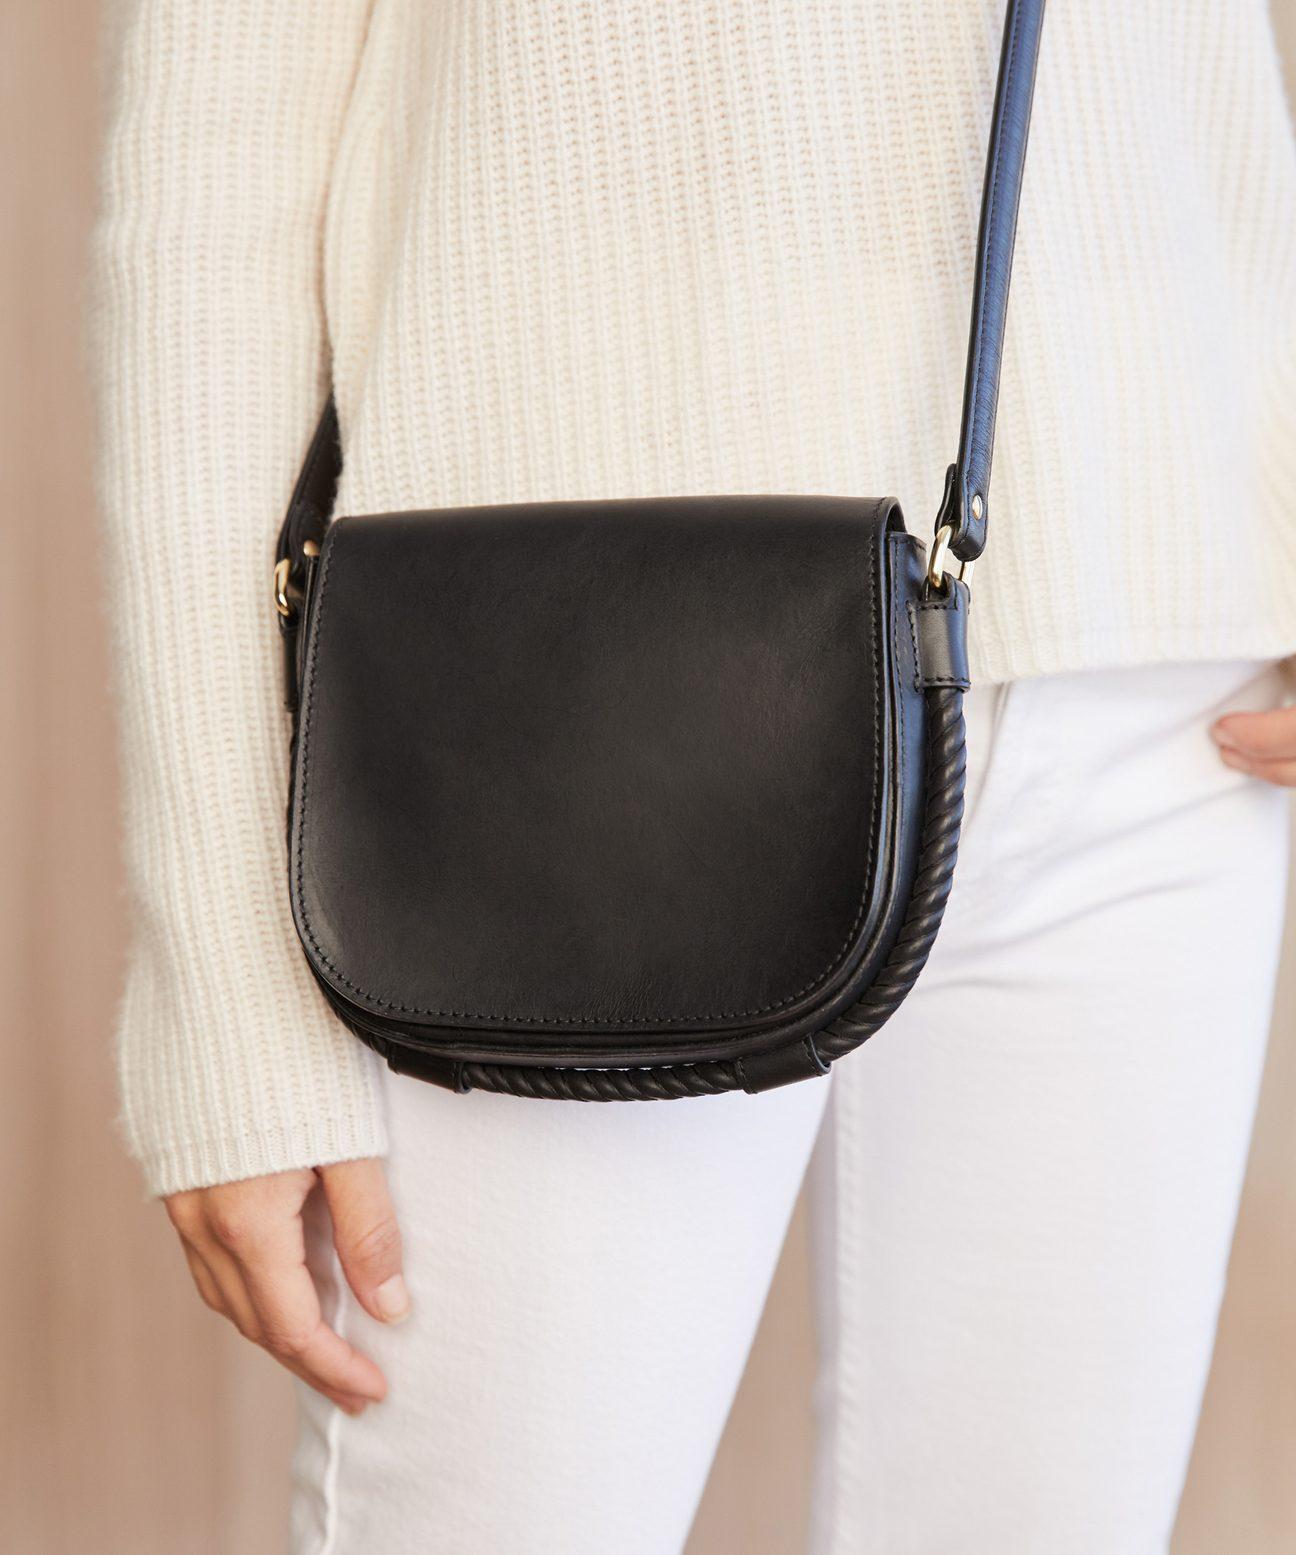 Small Saddle Bag Black Jenni Kayne